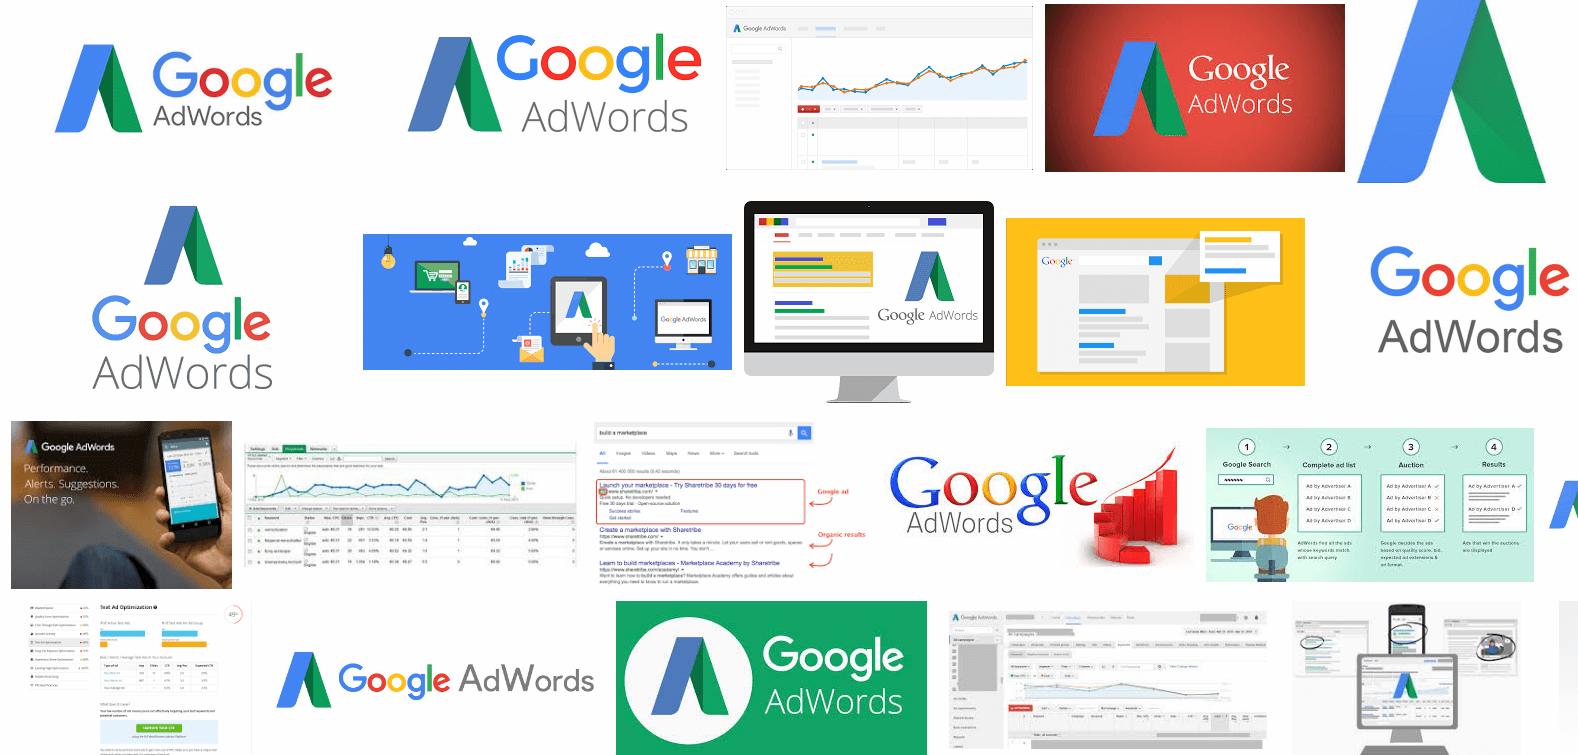 Display ads google adwords как привлечь клиентов контекстная реклама оптимизация контекстной рекламы m=200803